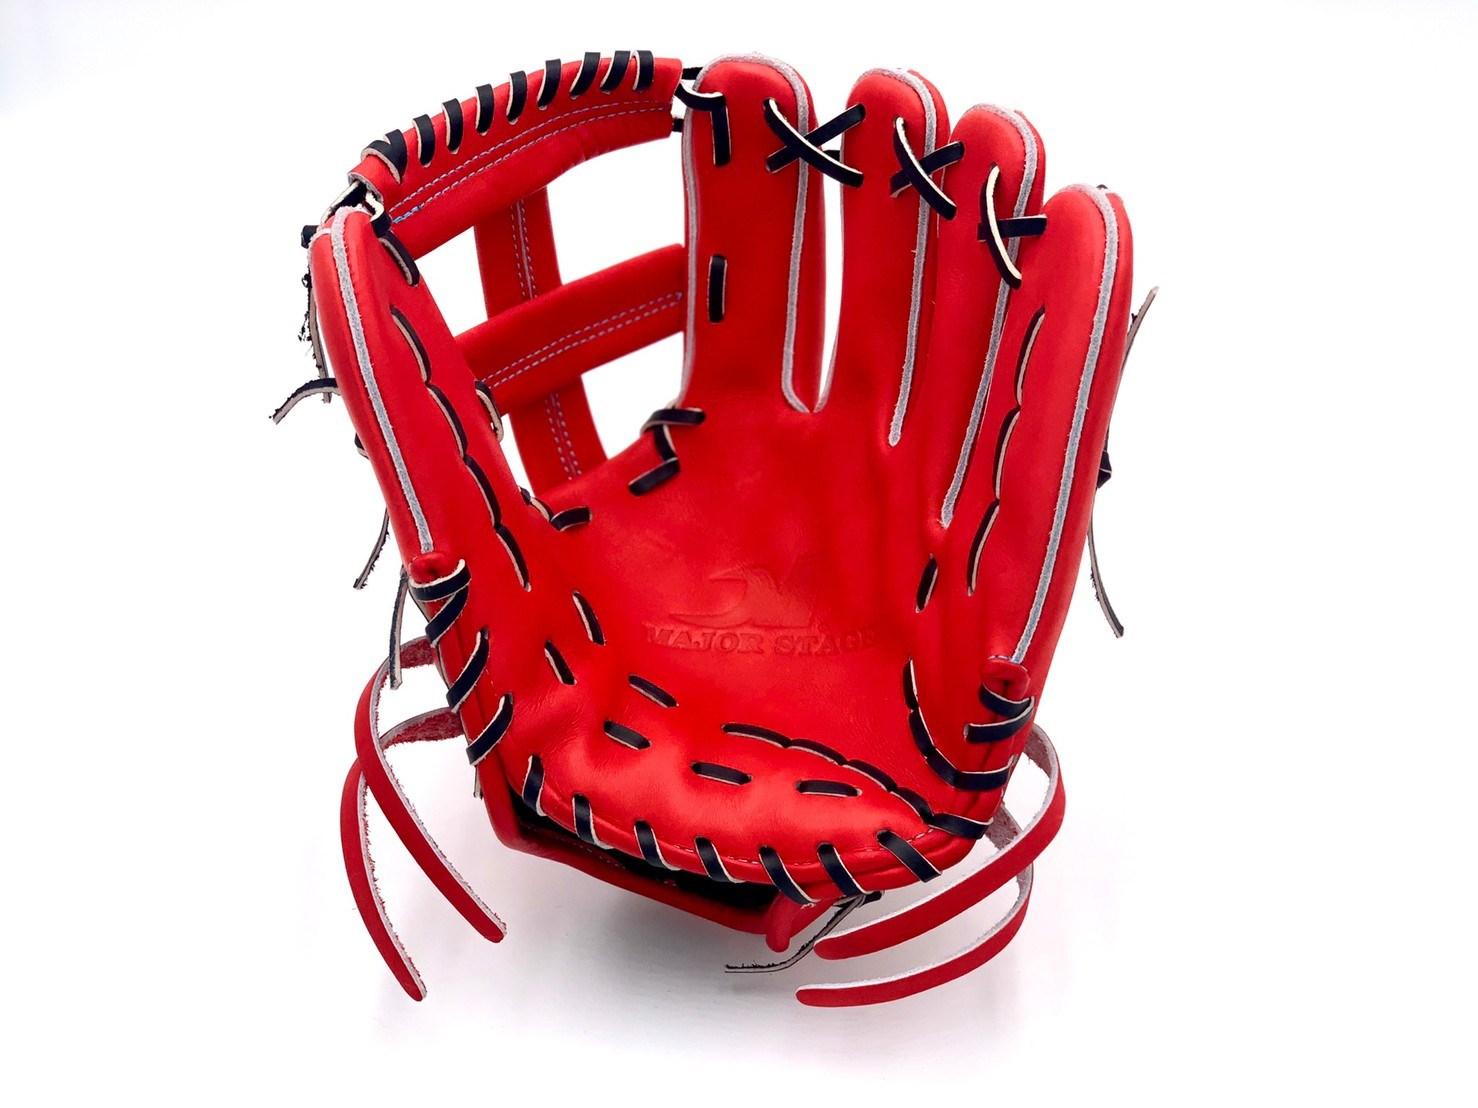 硬式グローブ カプシーヌ 内野手 (二塁・三塁・遊撃手) 用 スモールグローブ